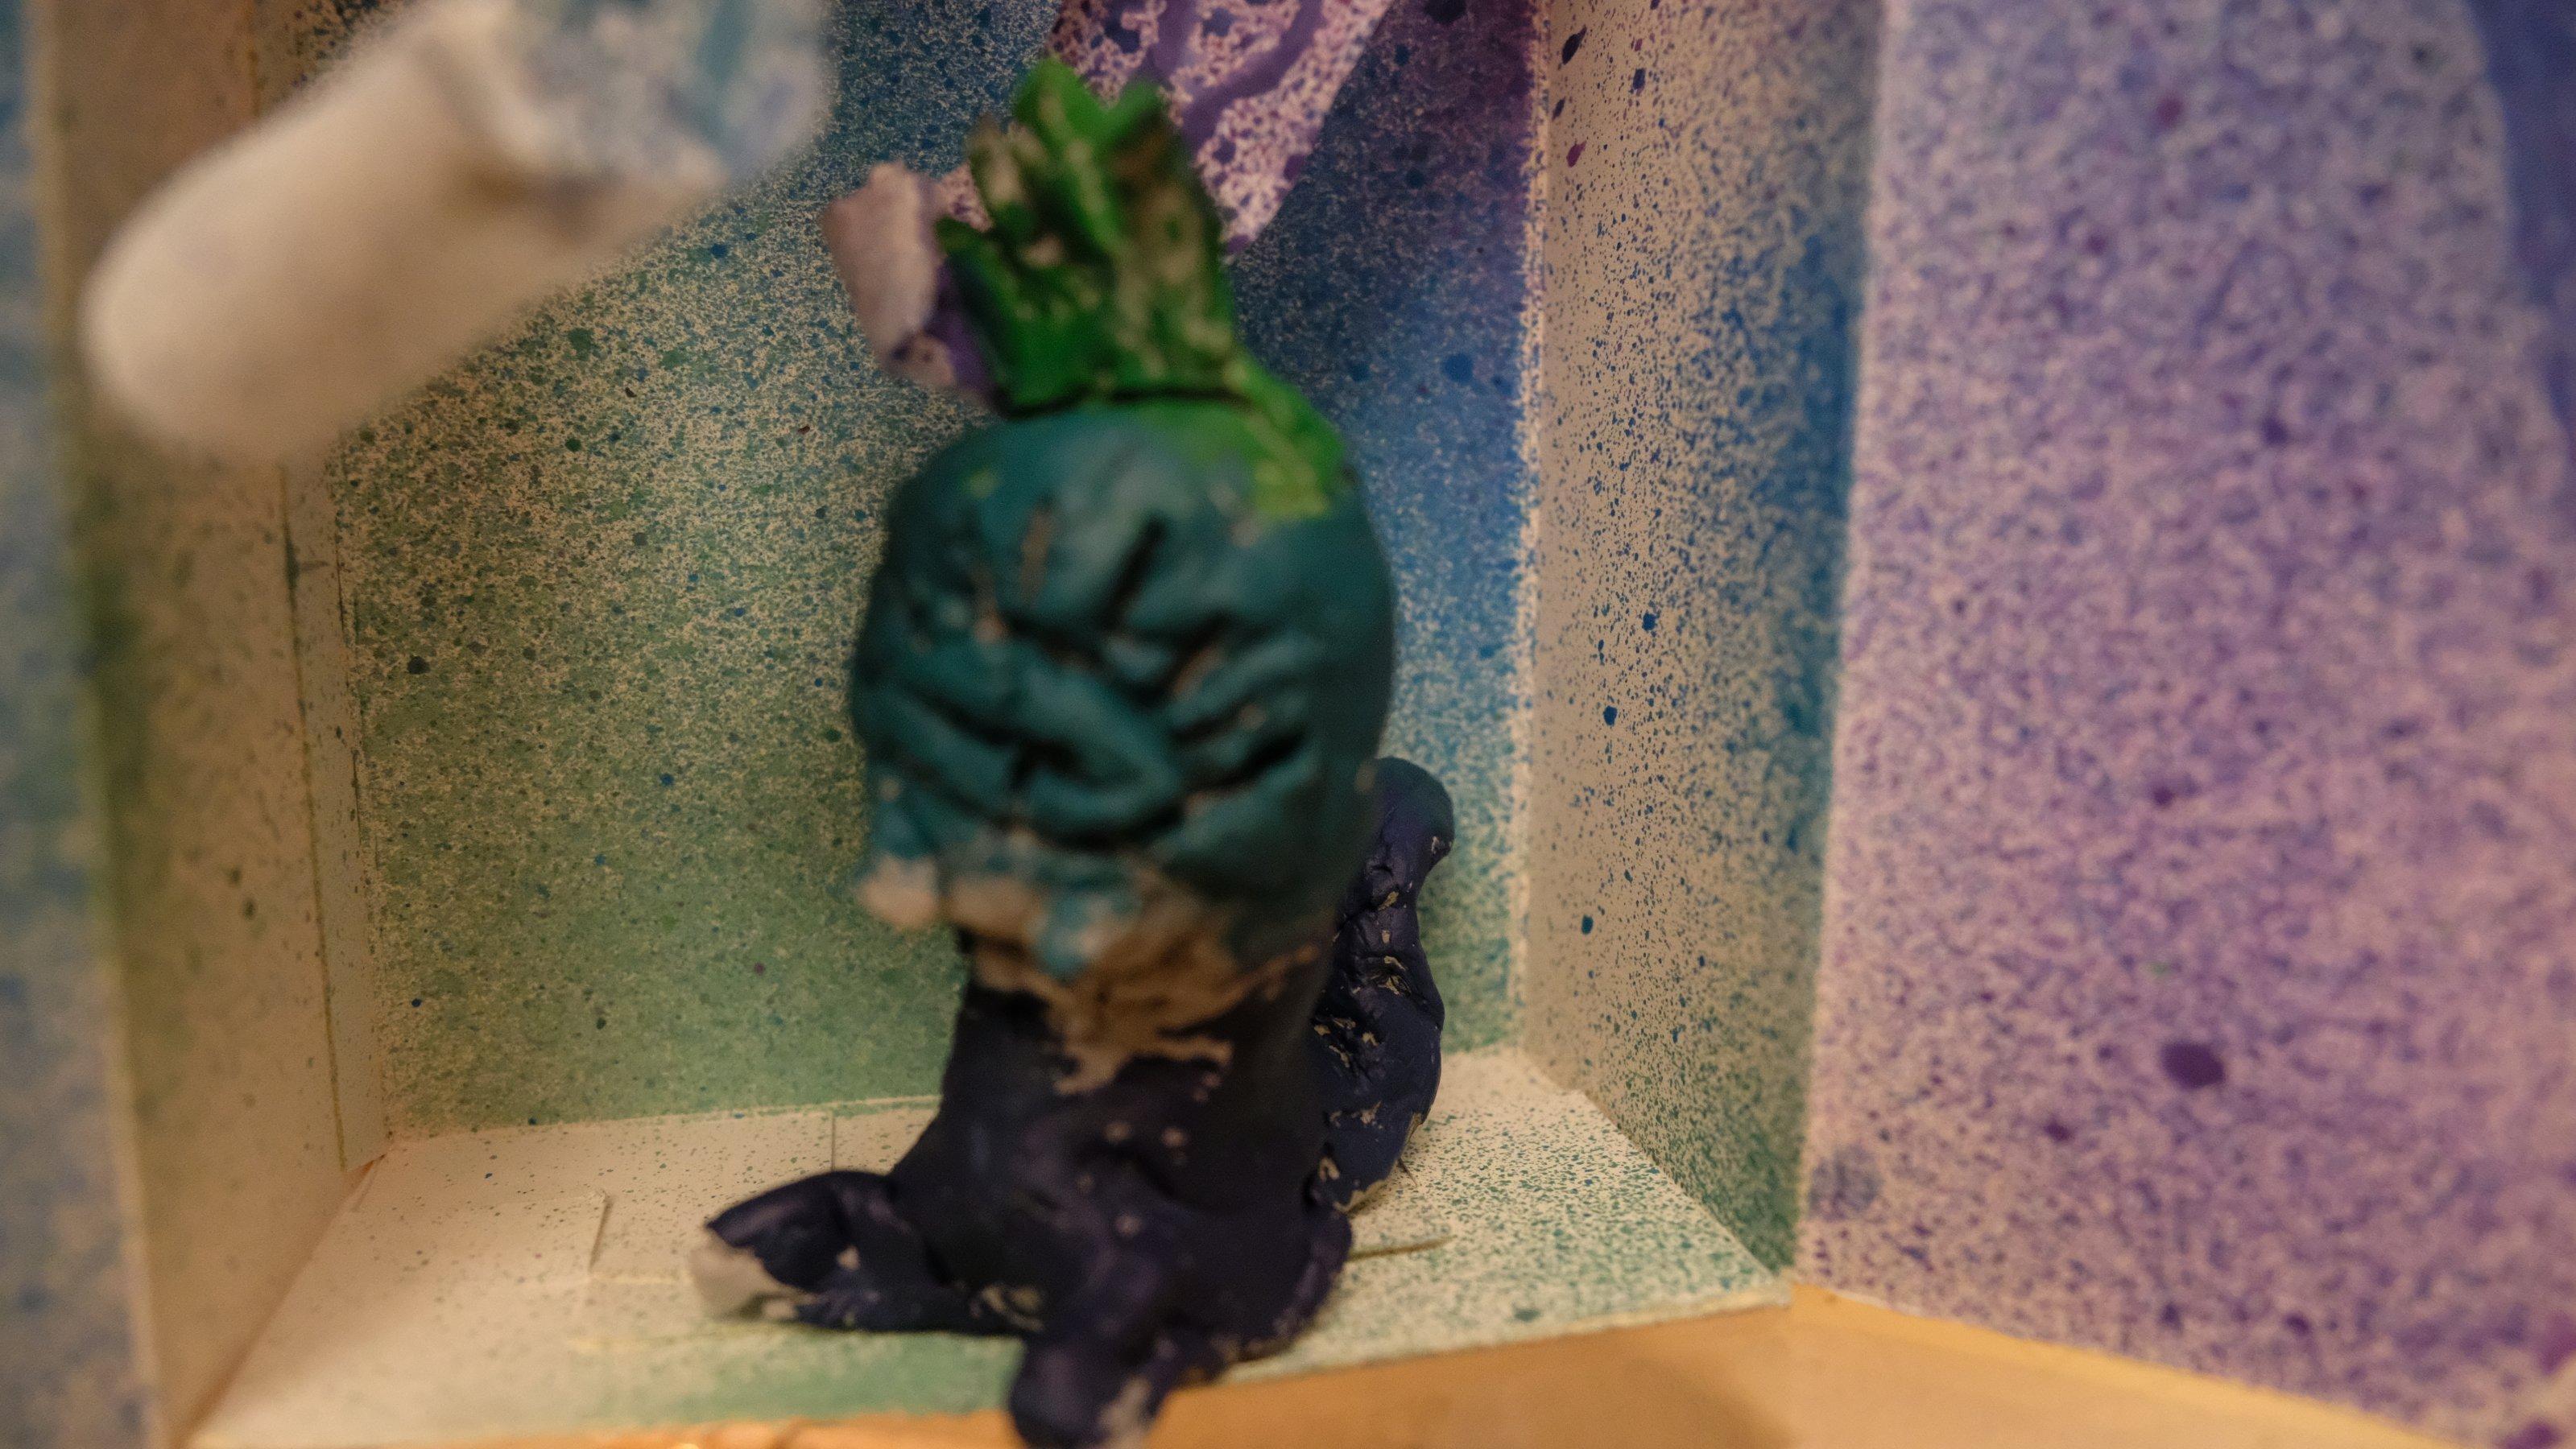 Alvas Kunstwerk ist fertig. Jetzt ist auch ihre Figur farbig. Die Figur lässt sich jetzt in Alvas Ozean-Box aufstellen.